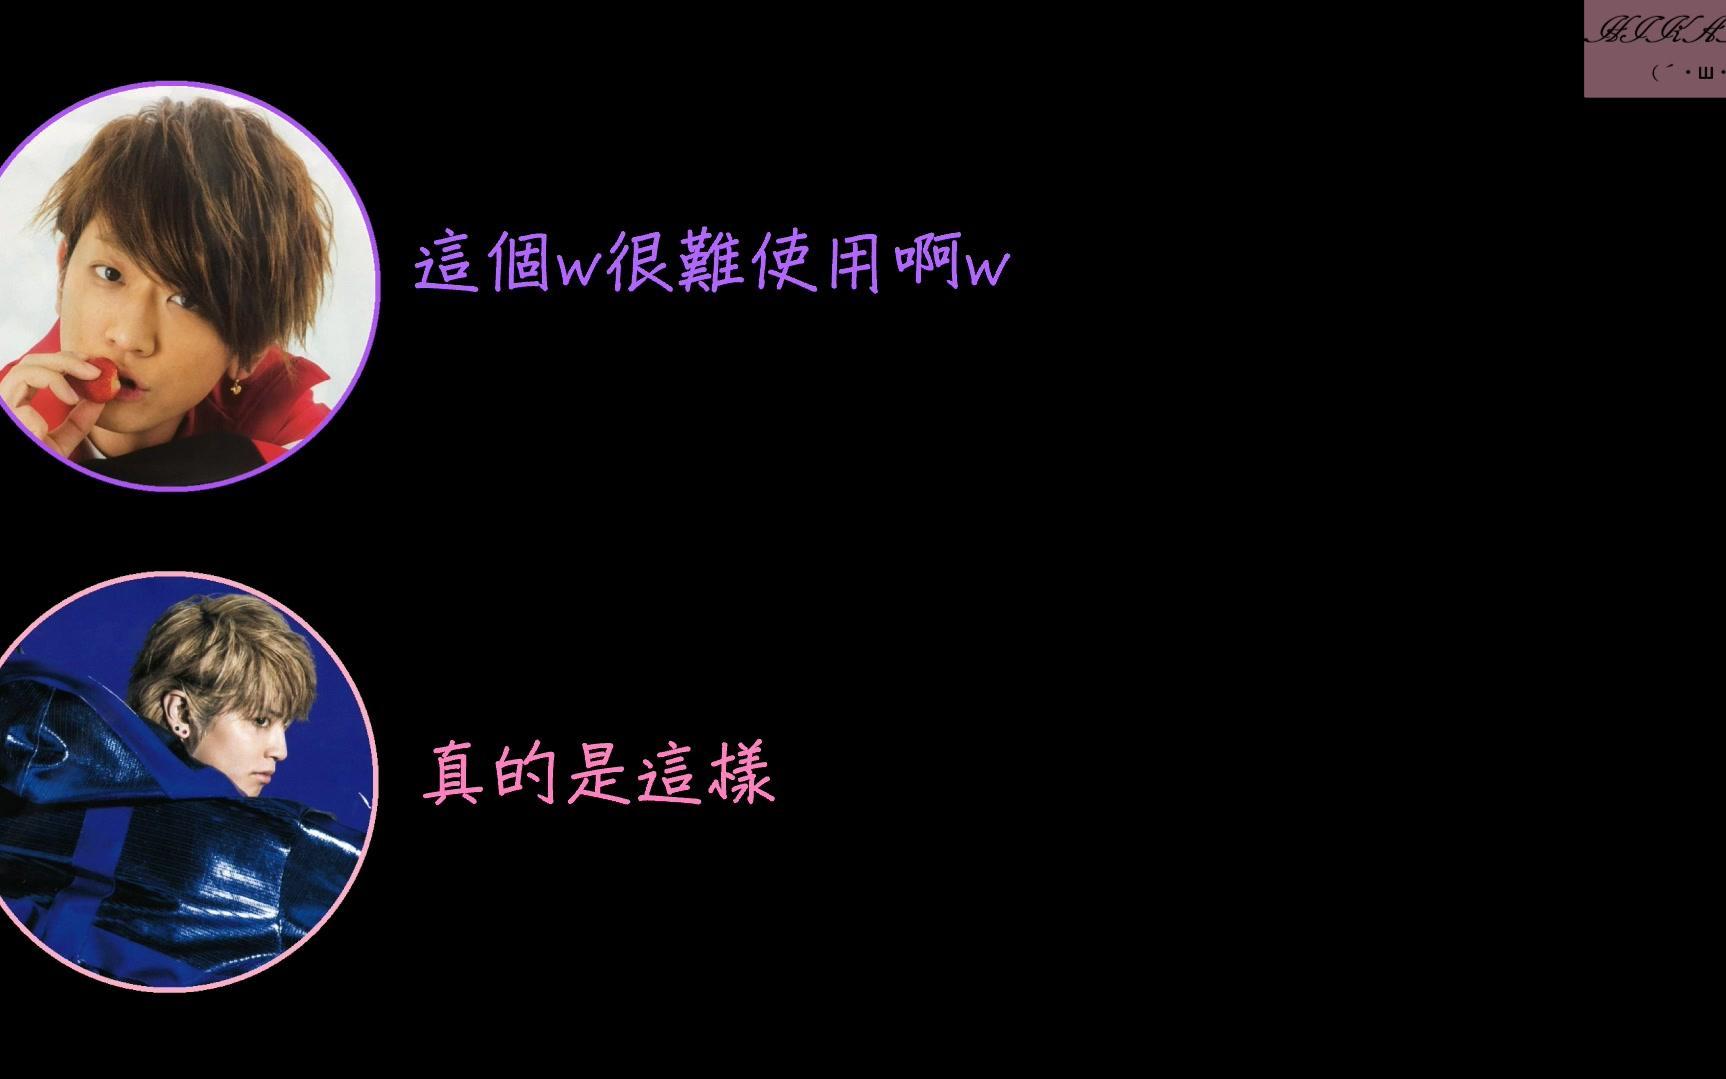 (字幕) 20180717 KちゃんNEWS/KchanNEWS (with手越祐也)